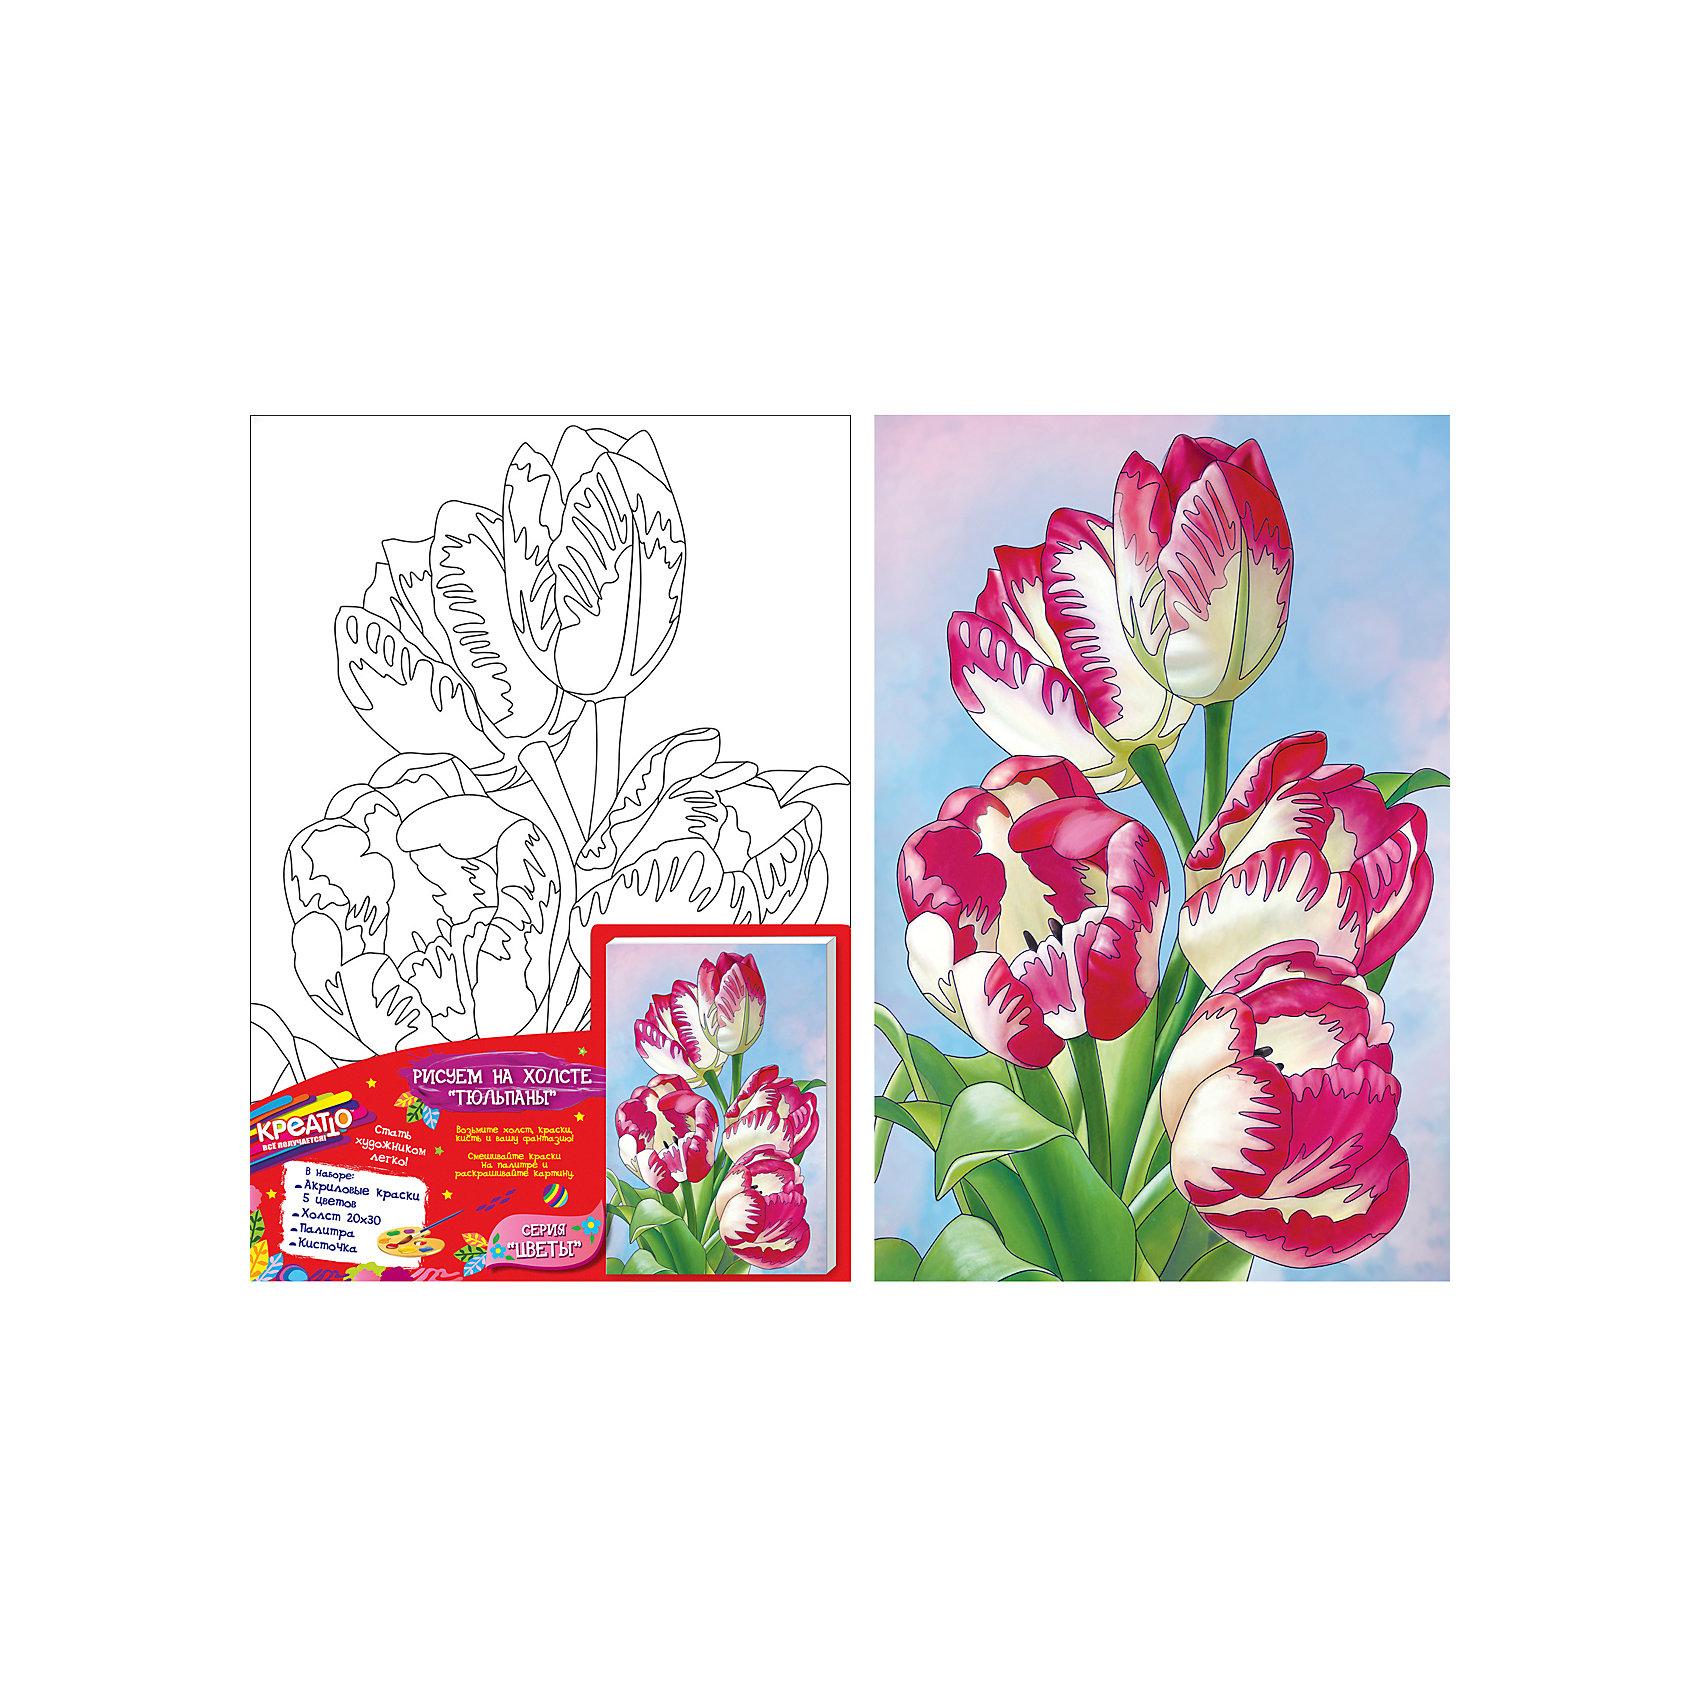 Роспись по холсту ТЮЛЬПАНЫ,20Х30СМРисование<br>Добро пожаловать в мир КРЕАТТО! Предложите ребенку создать на холсте красивую картину «Тюльпаны» из серии «Цветы». В наборе есть все необходимое. Выдавите краску из тюбиков на палитру, при желании смешайте цвета, получив новые оттенки, или разбавьте краски водой для придания им прозрачности. Если ошиблись, то просто закрасьте фрагмент новым цветом поверх подсохшей краски. Акриловые краски легко ложатся на холст, быстро сохнут, хорошо растворяются в воде, после высыхания становятся водонепроницаемыми. У юного художника получится яркая картина с очаровательными тюльпанами, которую можно поставить на видное место. А во время работы с холстом у ребенка развивается мелкая моторика, художественный вкус, воображение, умение рисовать и сочетать цвета.&#13;<br>В наборе: плотный отбеленный загрунтованный холст с контурным рисунком, натянутый на деревянную рамку (20х30 см); 5 ярких цветов акриловых красок в металлических тубах; палитра; кисточка. Товар сертифицирован. Срок годности: 3 года.<br><br>Ширина мм: 200<br>Глубина мм: 300<br>Высота мм: 15<br>Вес г: 243<br>Возраст от месяцев: 36<br>Возраст до месяцев: 84<br>Пол: Унисекс<br>Возраст: Детский<br>SKU: 5016383